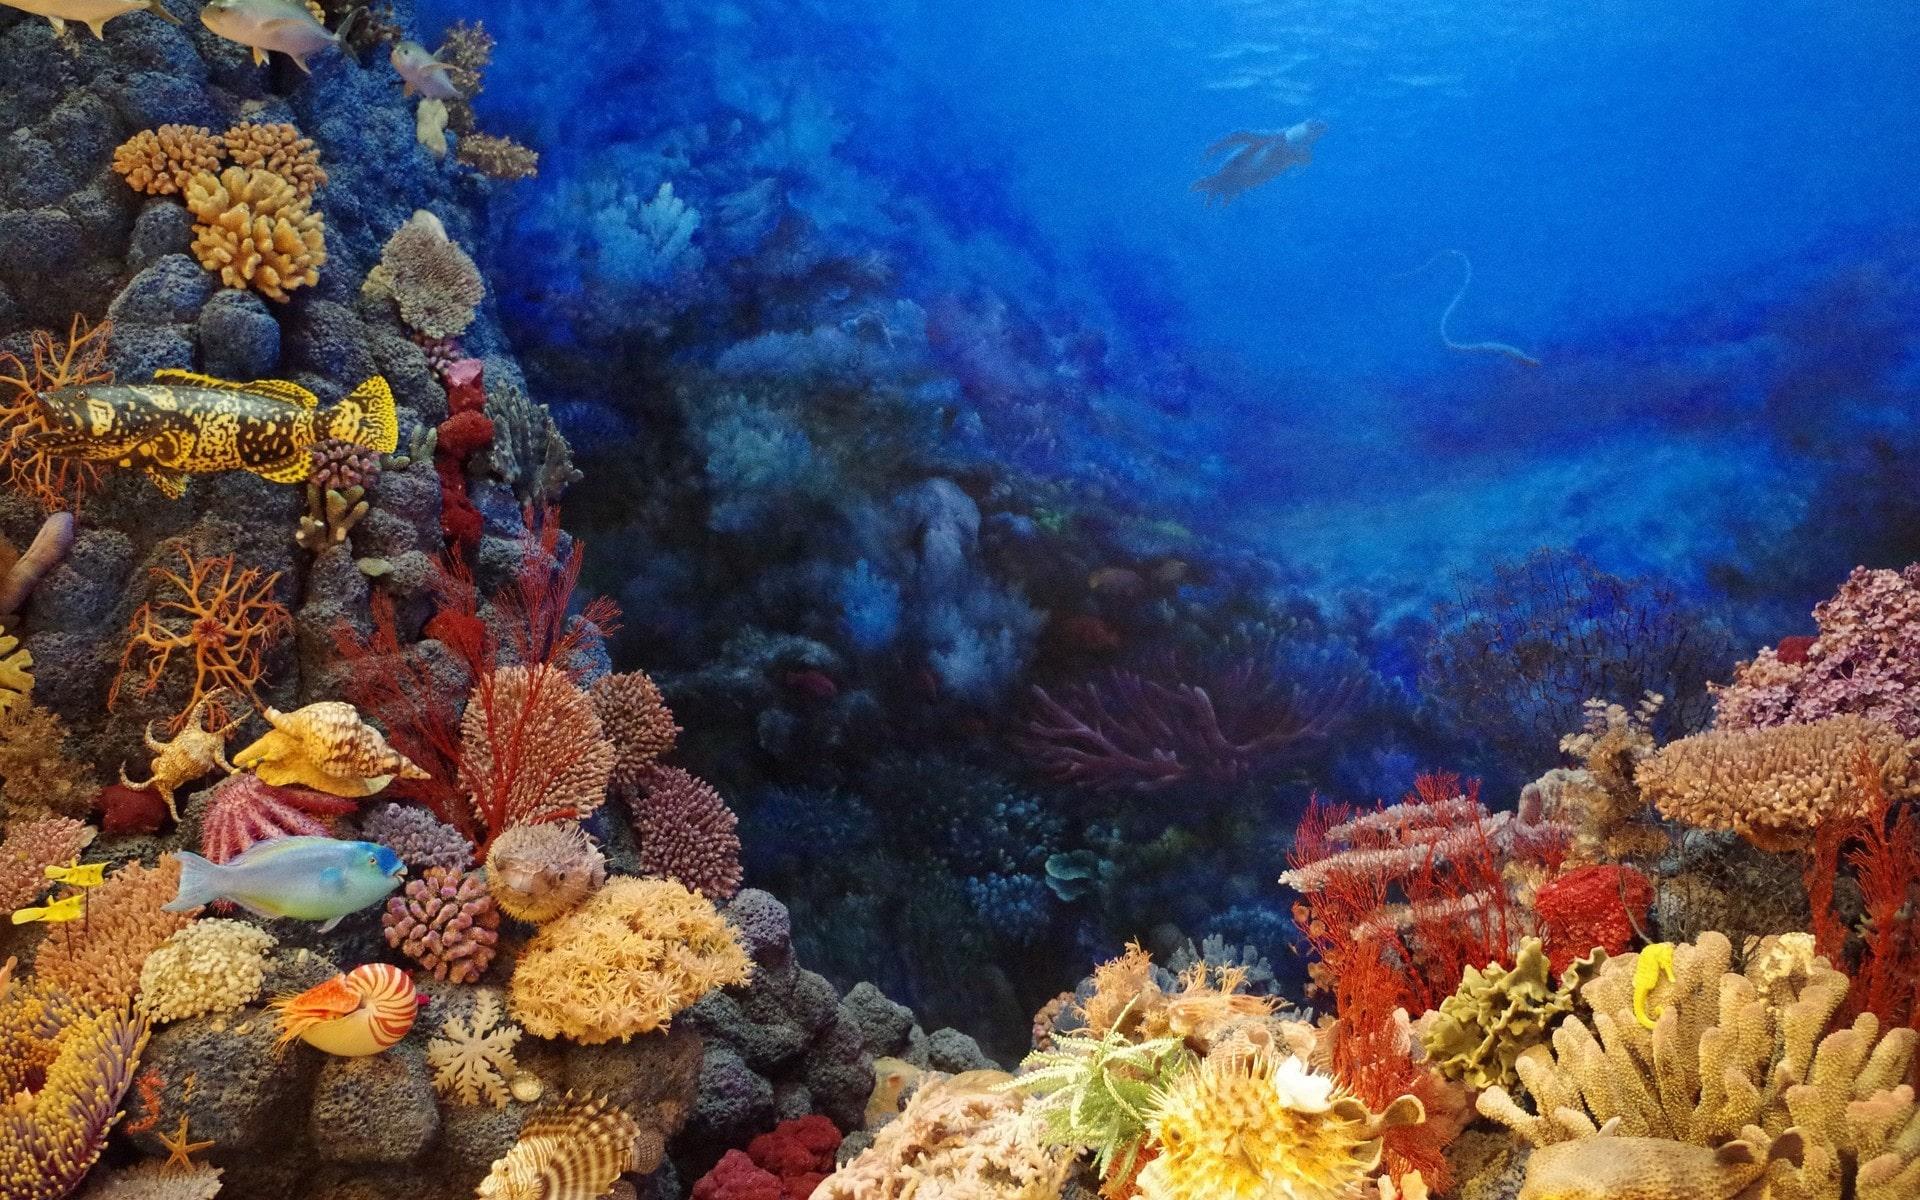 https://www.clubic.com/telecharger-fiche212916-sim-aquarium-2.html